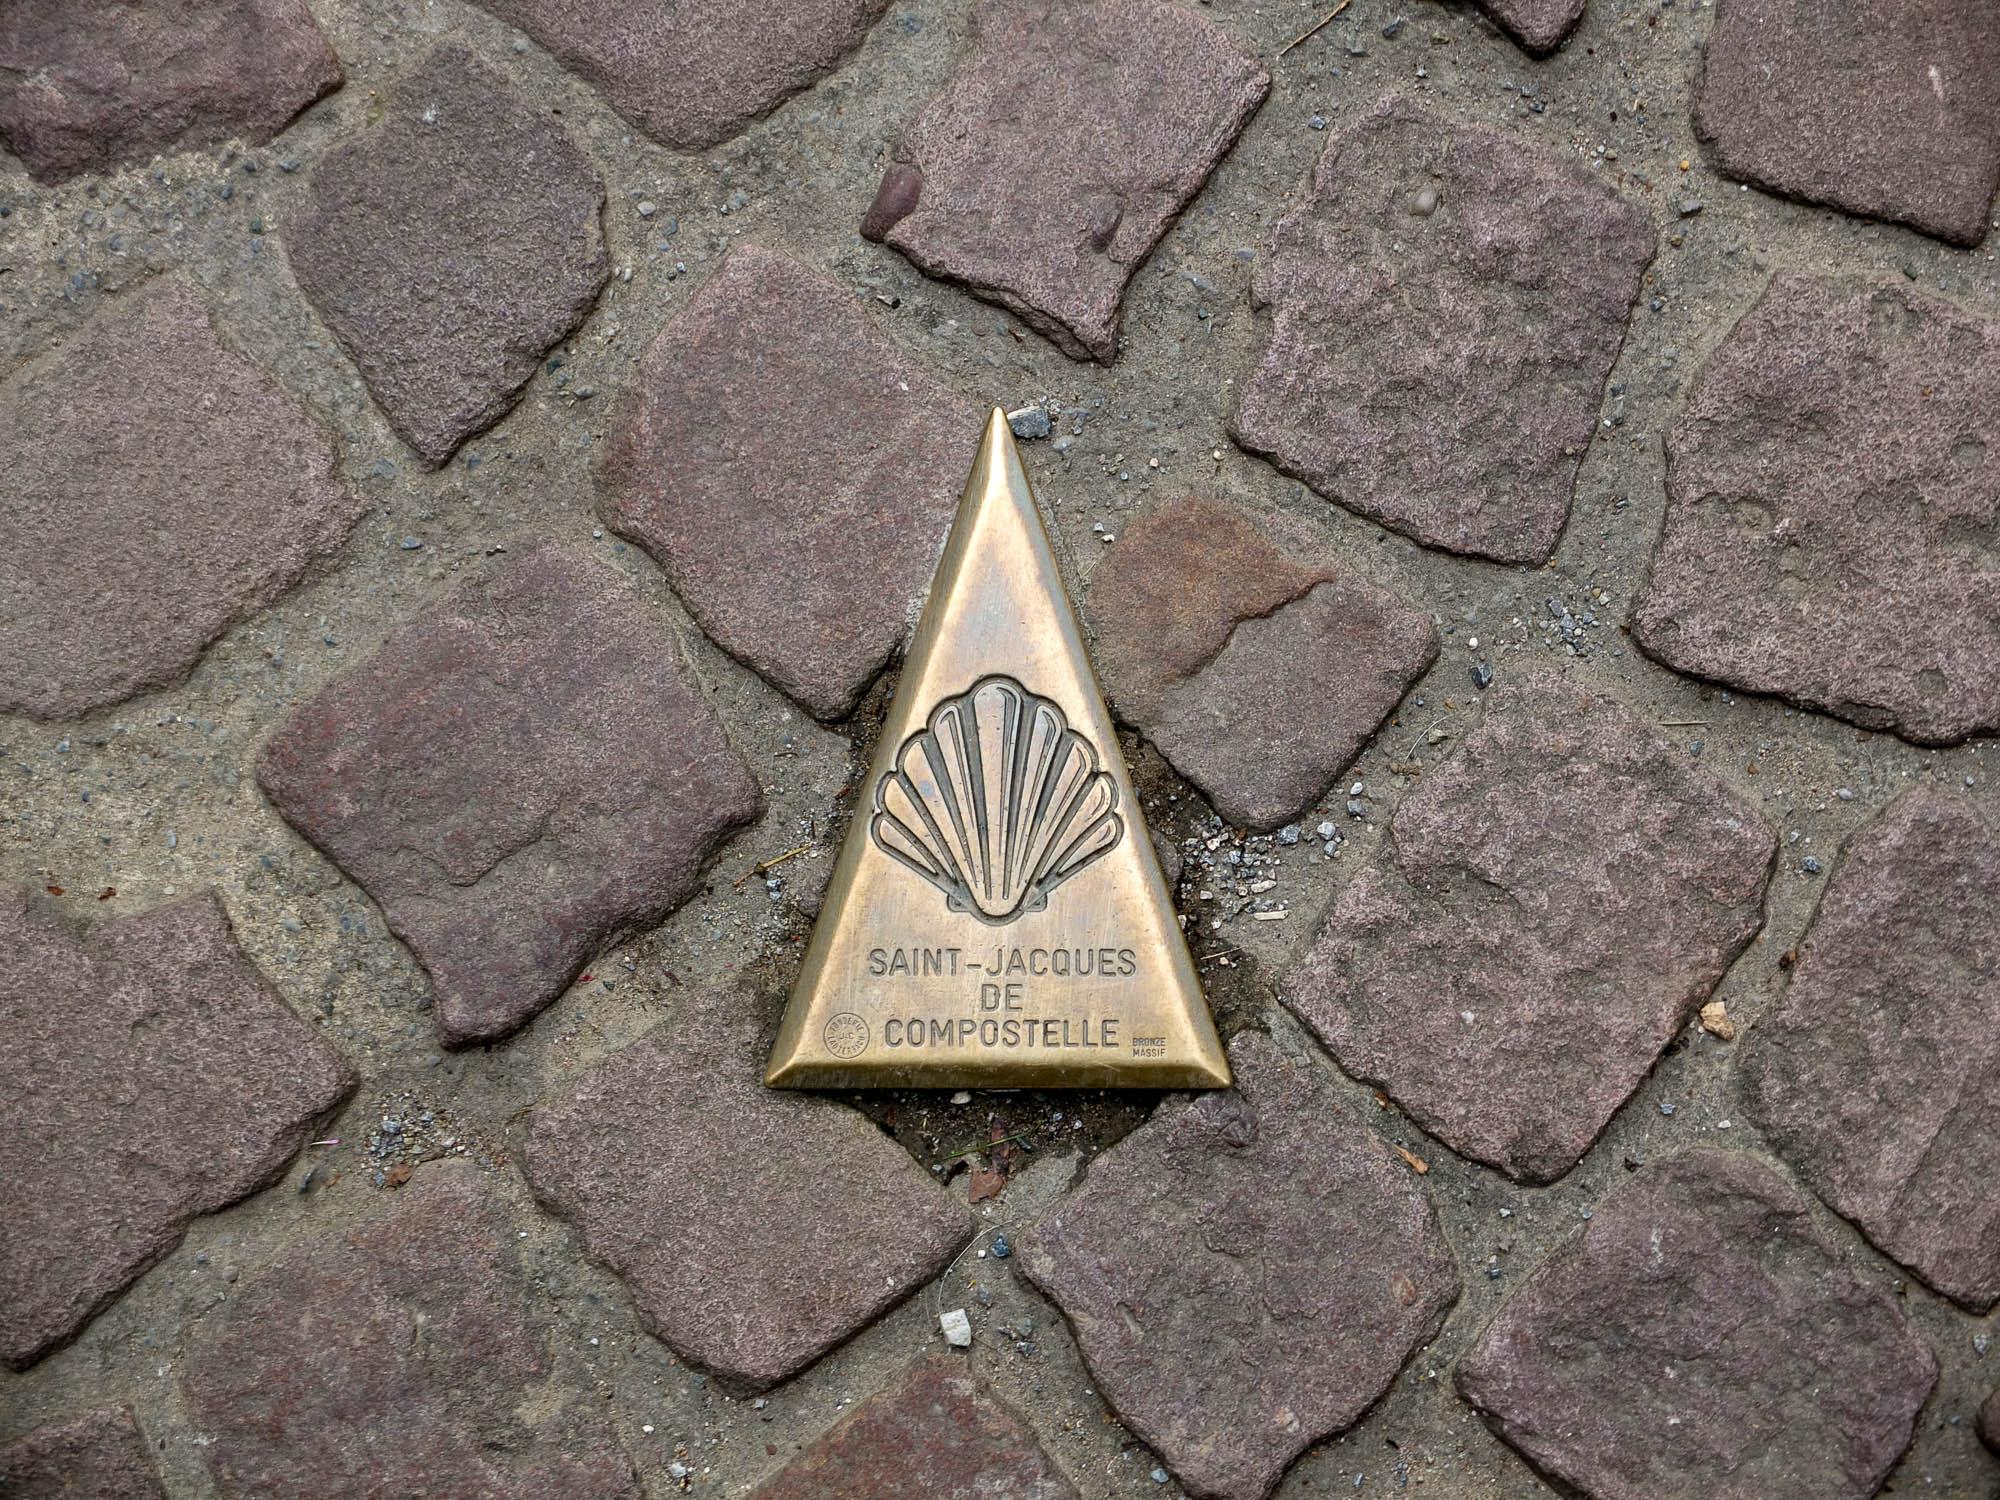 Quelques pas sur le chemin de saint jacques de compostelle - Saint jean pied de port saint jacques de compostelle ...